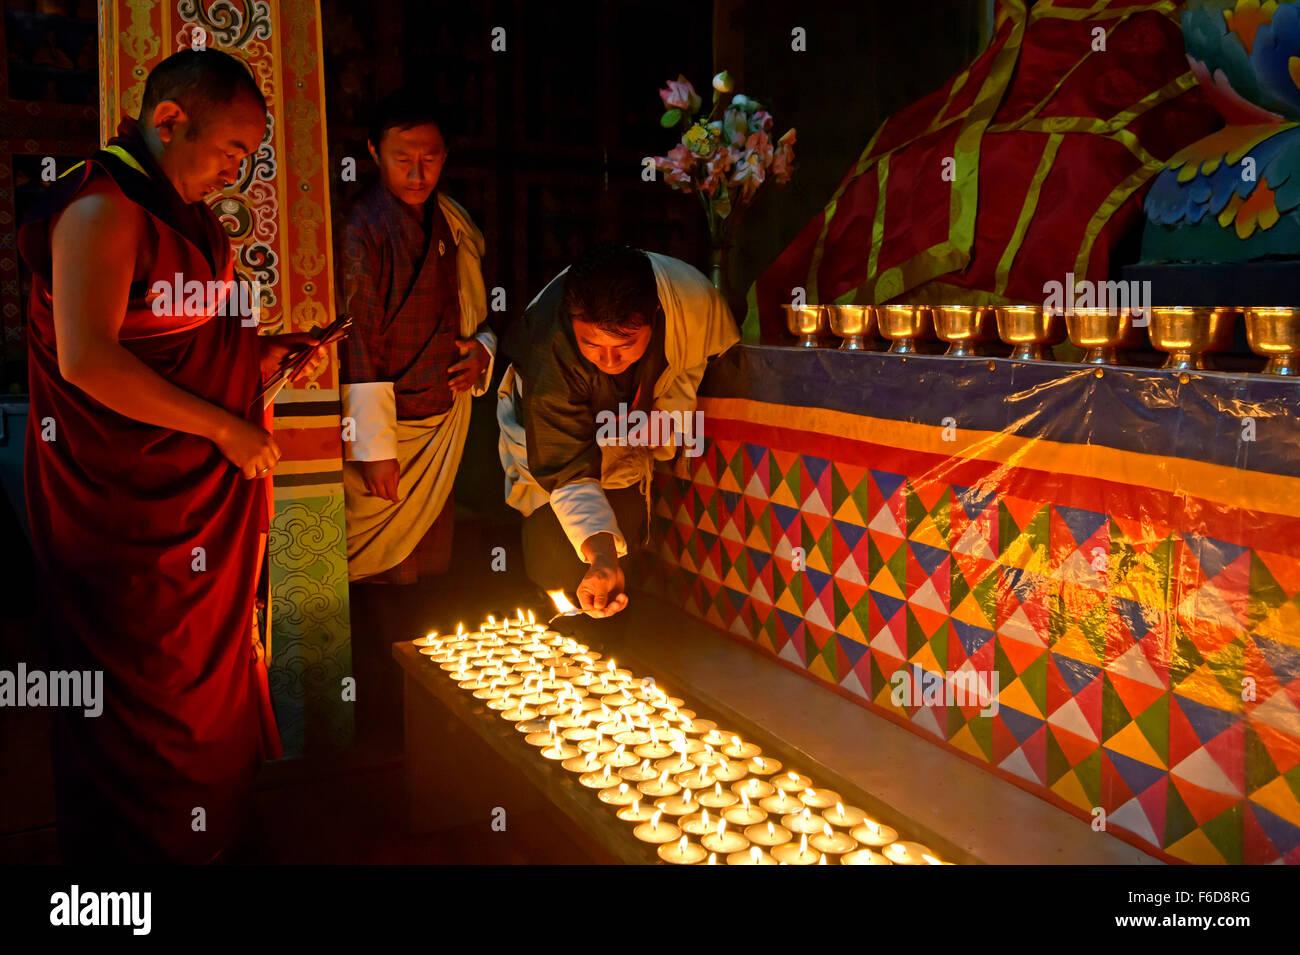 1000 Cérémonie d'allumer les lampes à beurre le monastère bouddhiste du Tashichho Dzong, Photo Stock